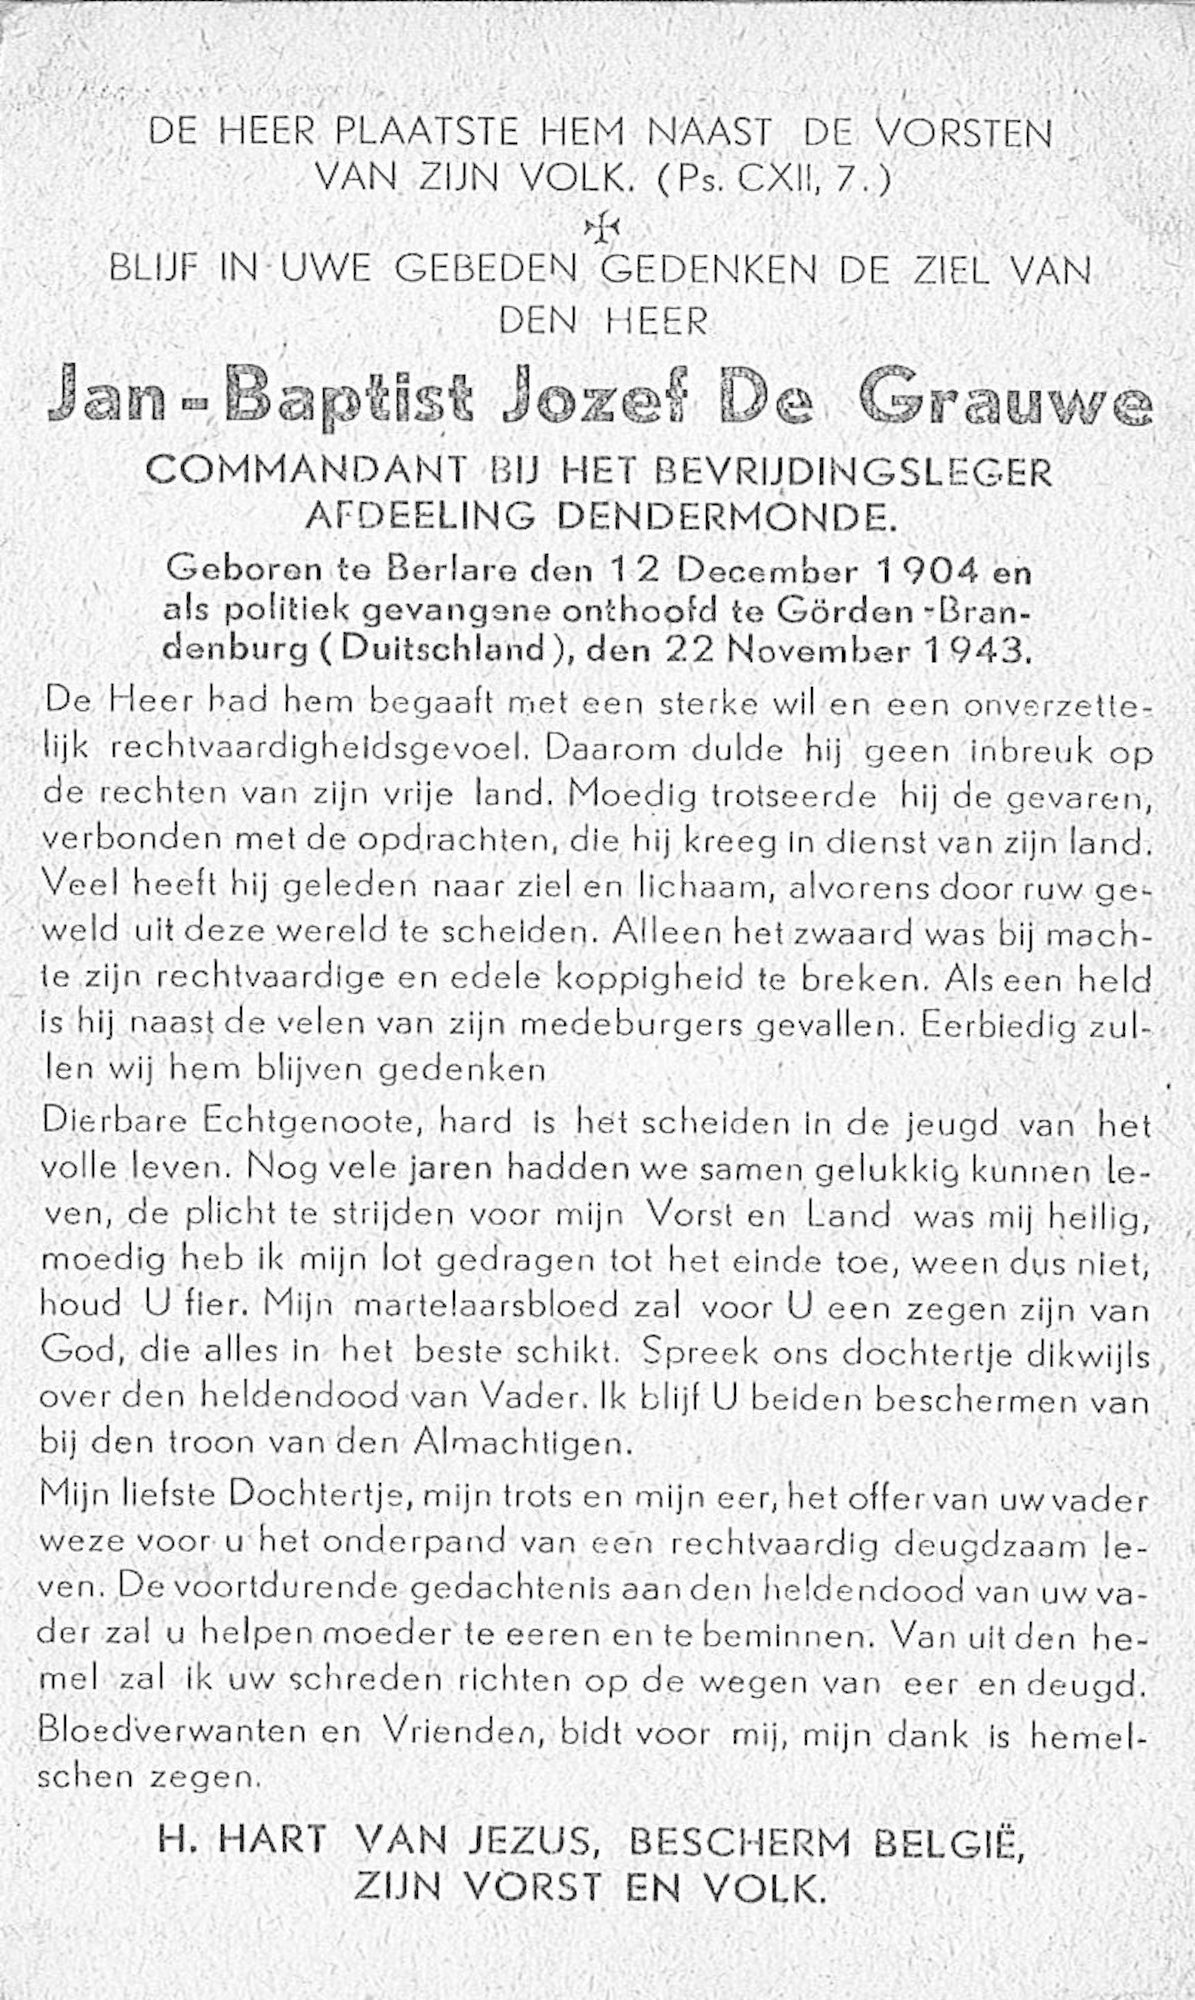 Jan-Baptist-Jozef De Grauwe